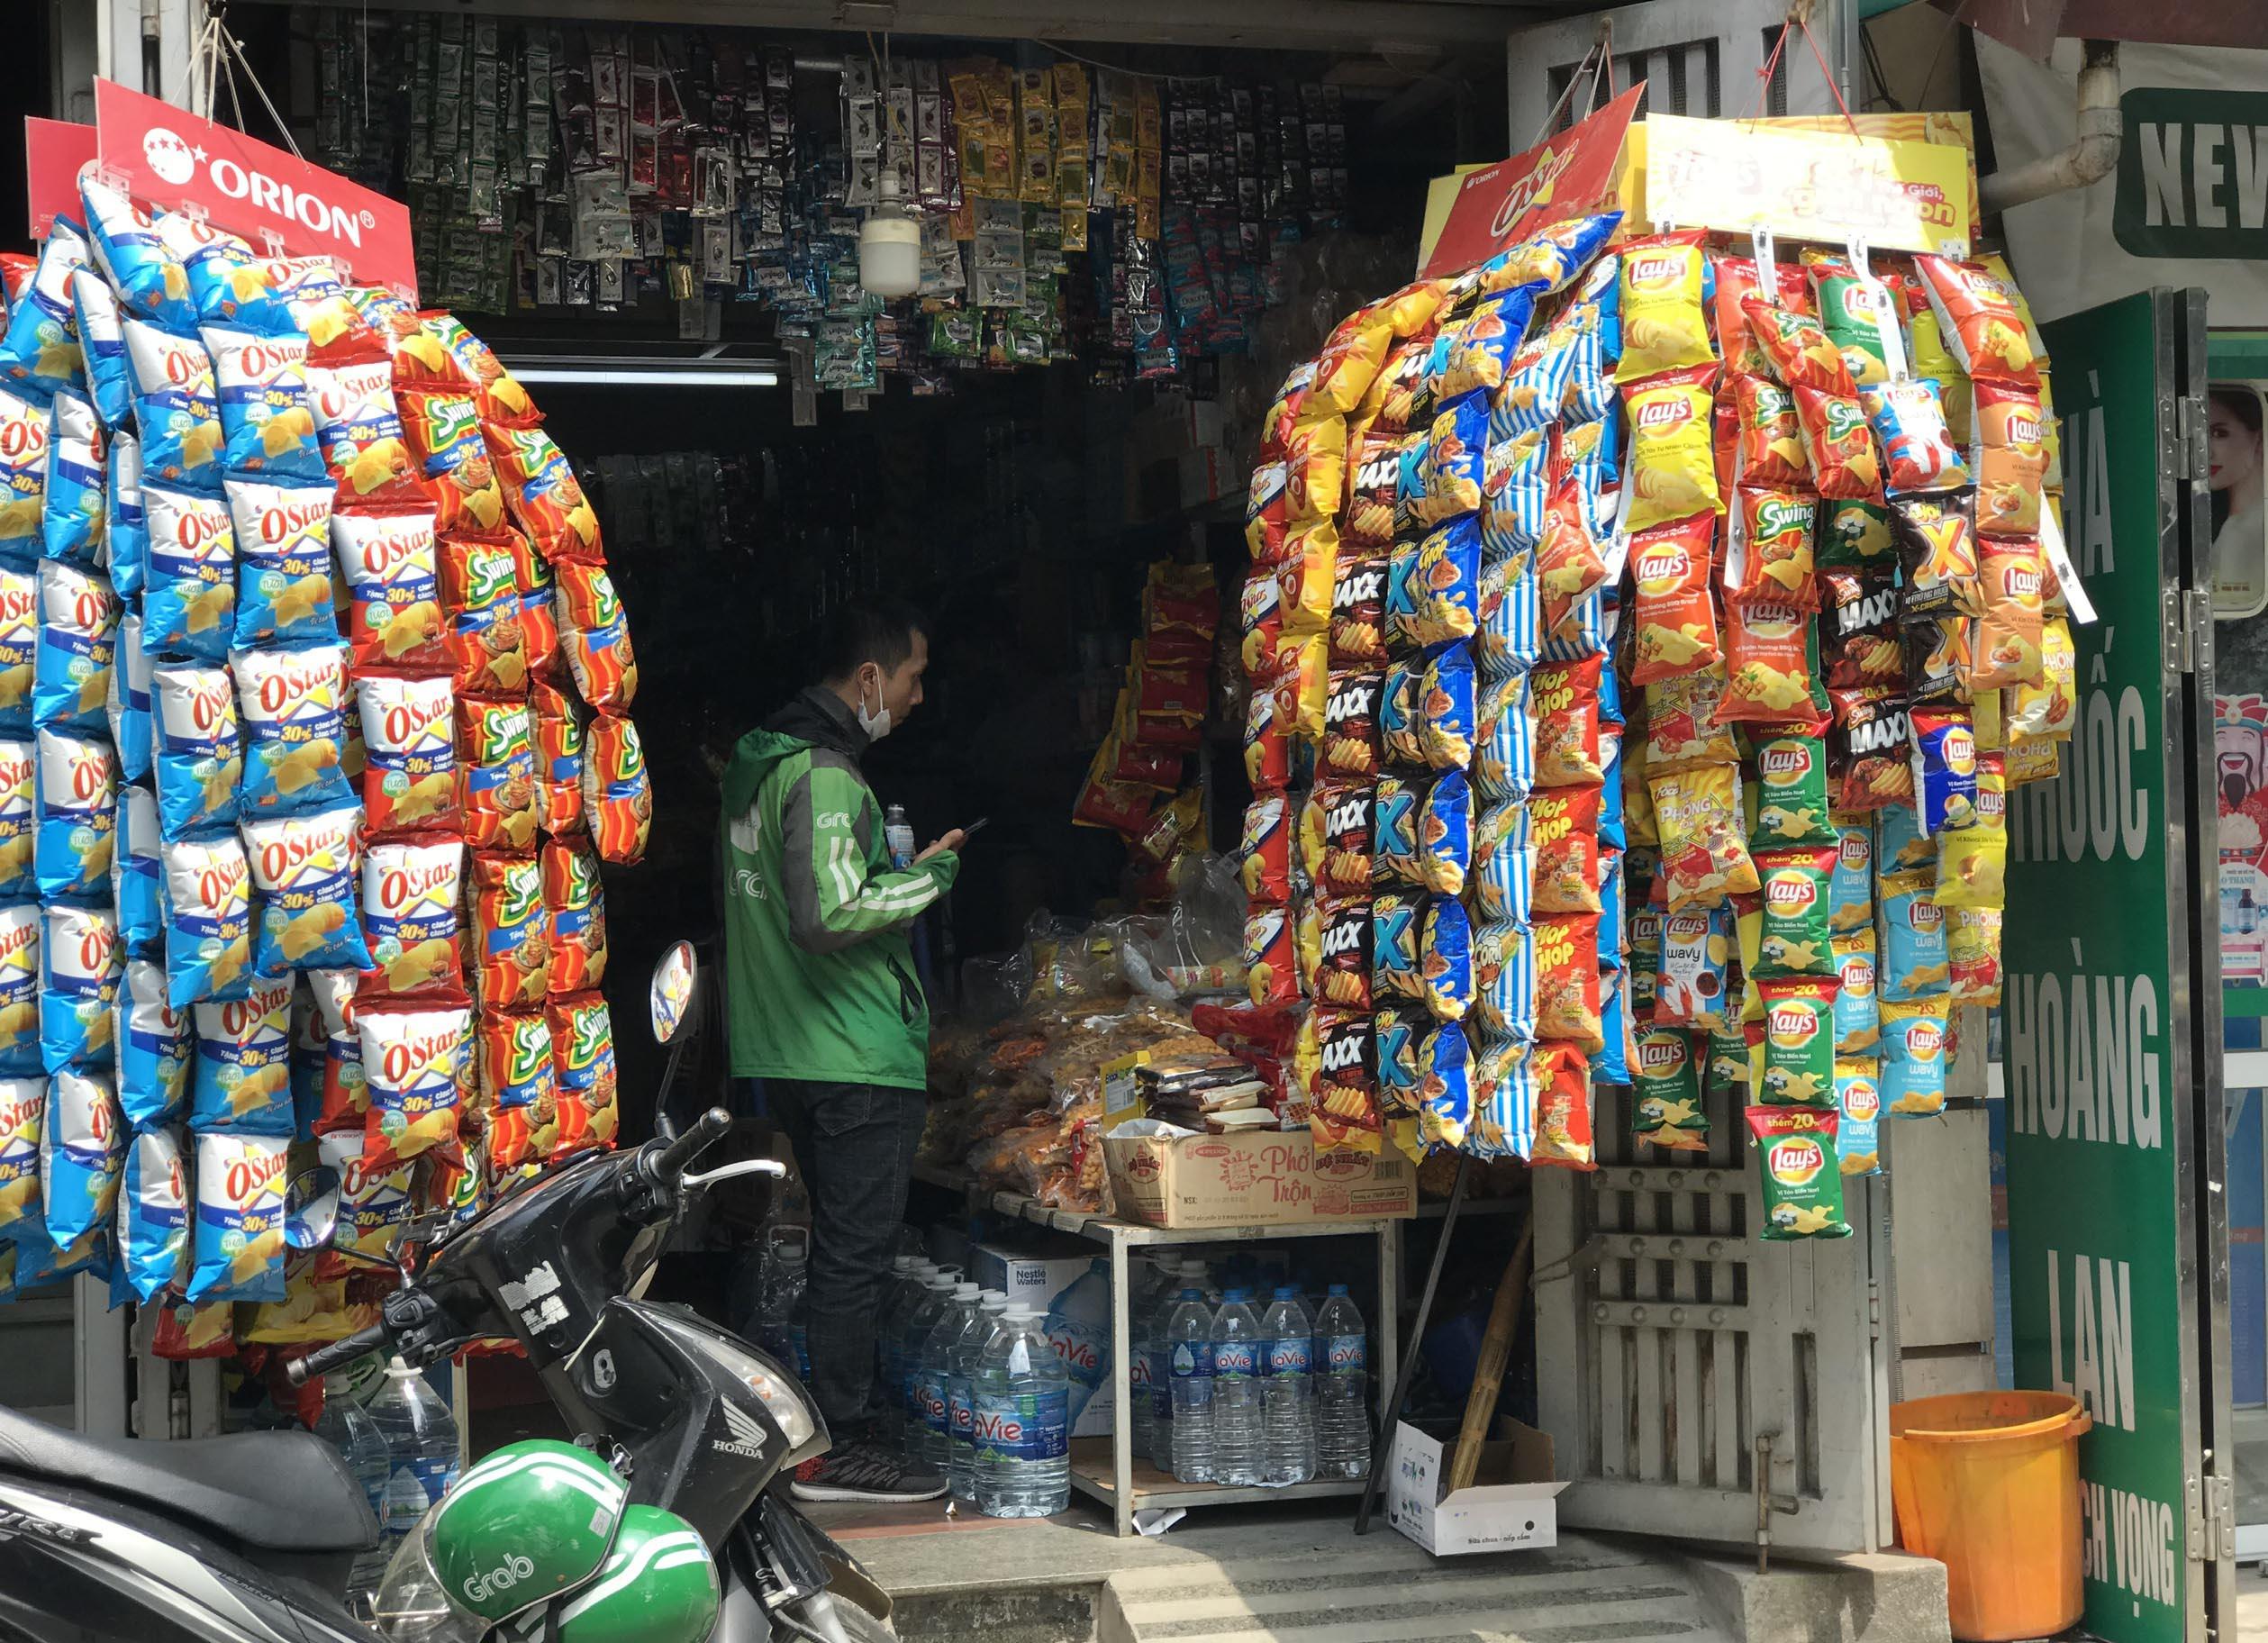 Giá hàng hóa nhấp nhổm, có loại tăng sốc: Chuyên gia nói về nỗi lo lạm phát